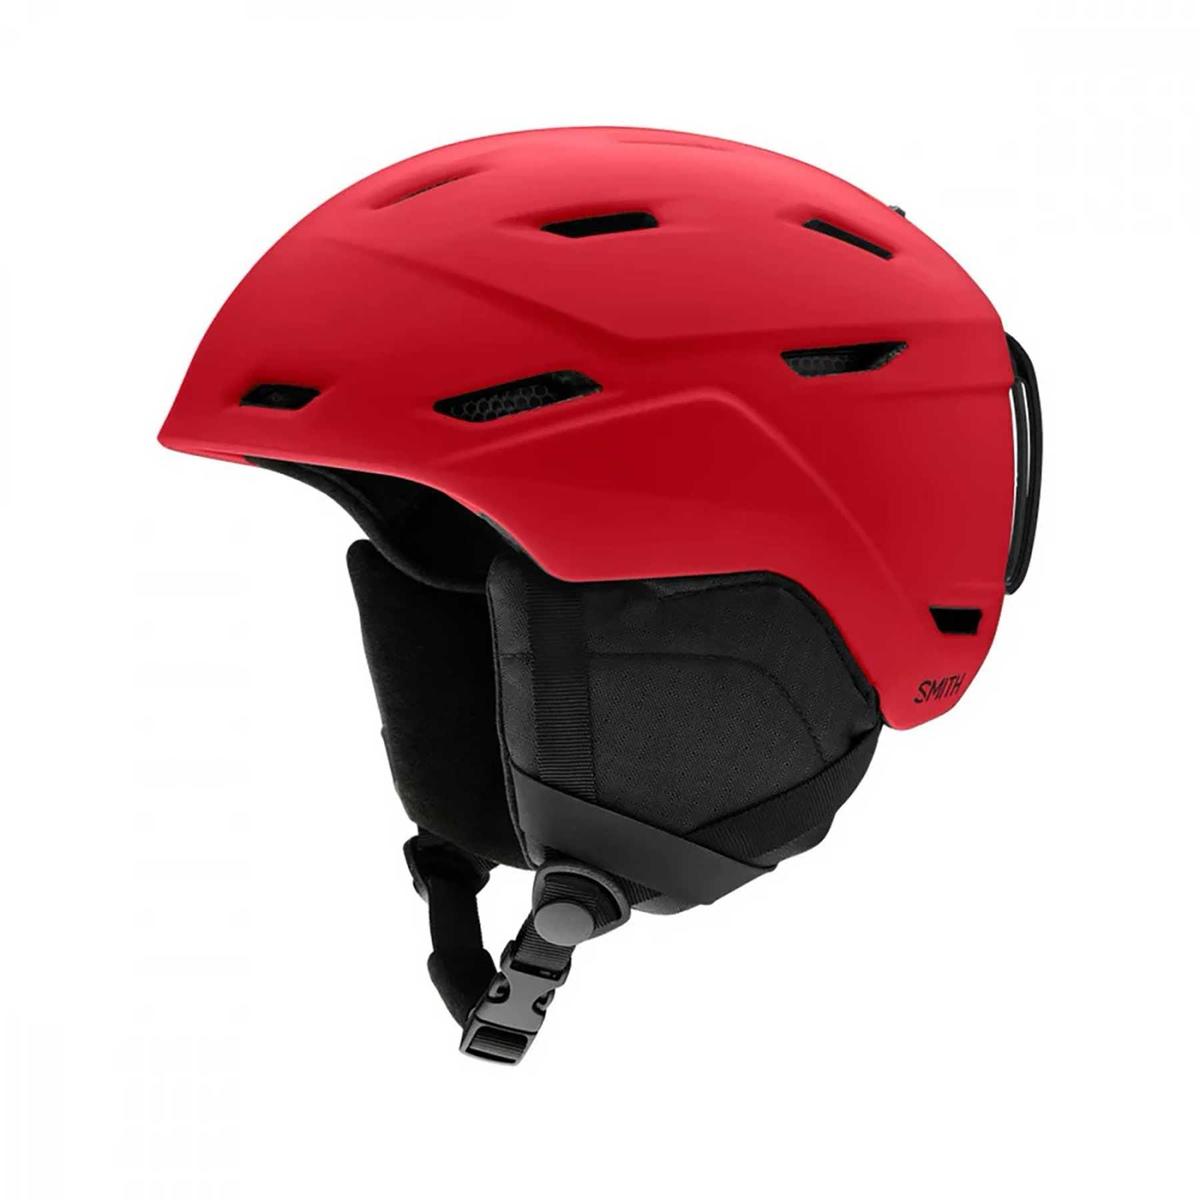 Prezzi Smith casco mission